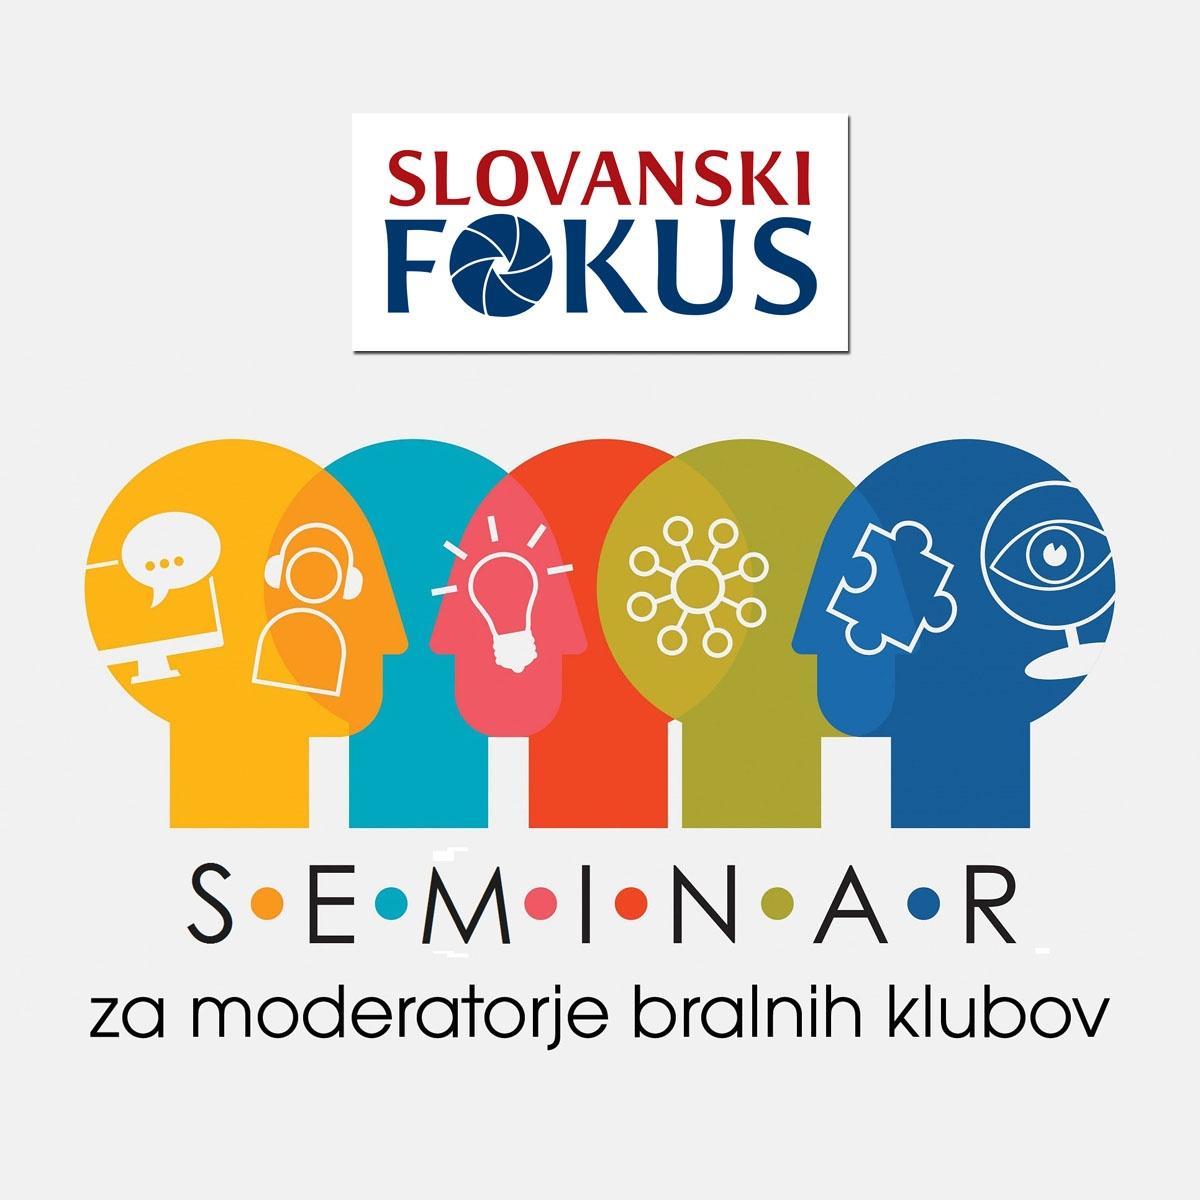 Seminar za moderatorje bralnih klubov in Slovanski fokus: zahodnoslovanske književnosti